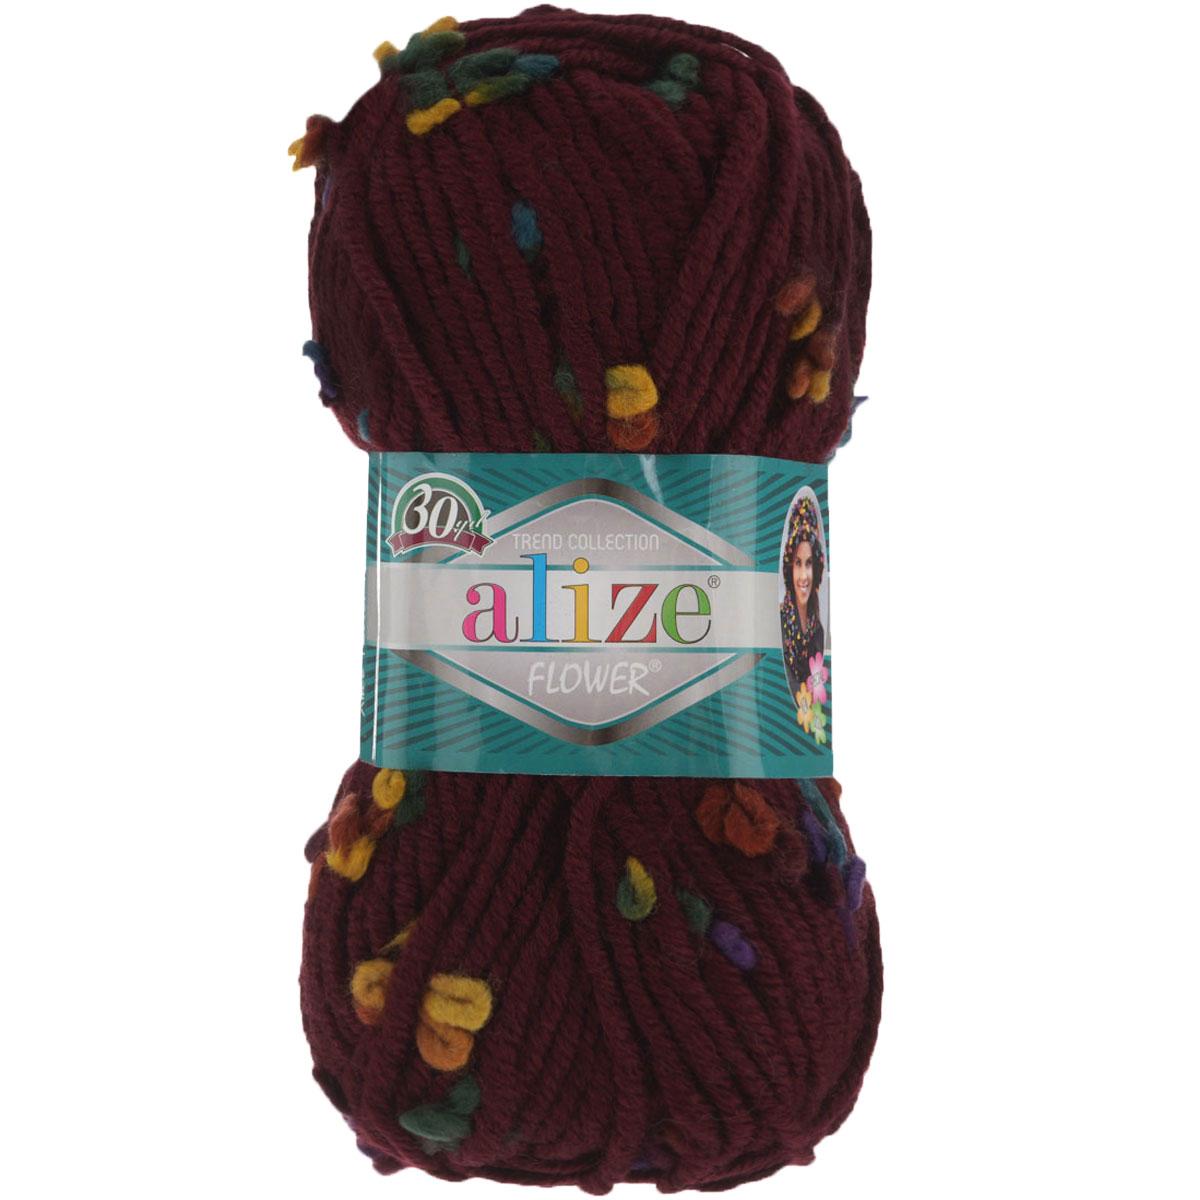 Пряжа для вязания Alize Flower, цвет: бордовый, зеленый, желтый (5082), 80 м, 100 г, 5 шт693451_5082Пряжа для вязания Alize Flower - это однотонная ровная нить, которая состоит из шерсти и акрила, с пришитыми по всей длине маленькими шерстяными разноцветными цветочками. Скручена нитка слабо, цветочки друг от друга находятся на одинаковом расстоянии и крепятся одной из ниток довольно прочно. Пряжа достаточно комфортная, и приятная, легко распускается и позволяет перевязывать изделия, если вы аккуратно обходились с цветочками. Нитки прочные, сохраняют свою скрученность, не расслаиваются. Эта оригинальная пряжа будет хорошо смотреться на всевозможных детских изделиях - жилетах, платьицах, а также хорошо ею вязать шапки, шарфы, снуды. Предназначена для ручного вязания спицами, теплая и мягкая. Рекомендованные спицы № 7-10, крючок № 6-7. Состав: 70% акрил, 25% шерсть, 5% полиамид.